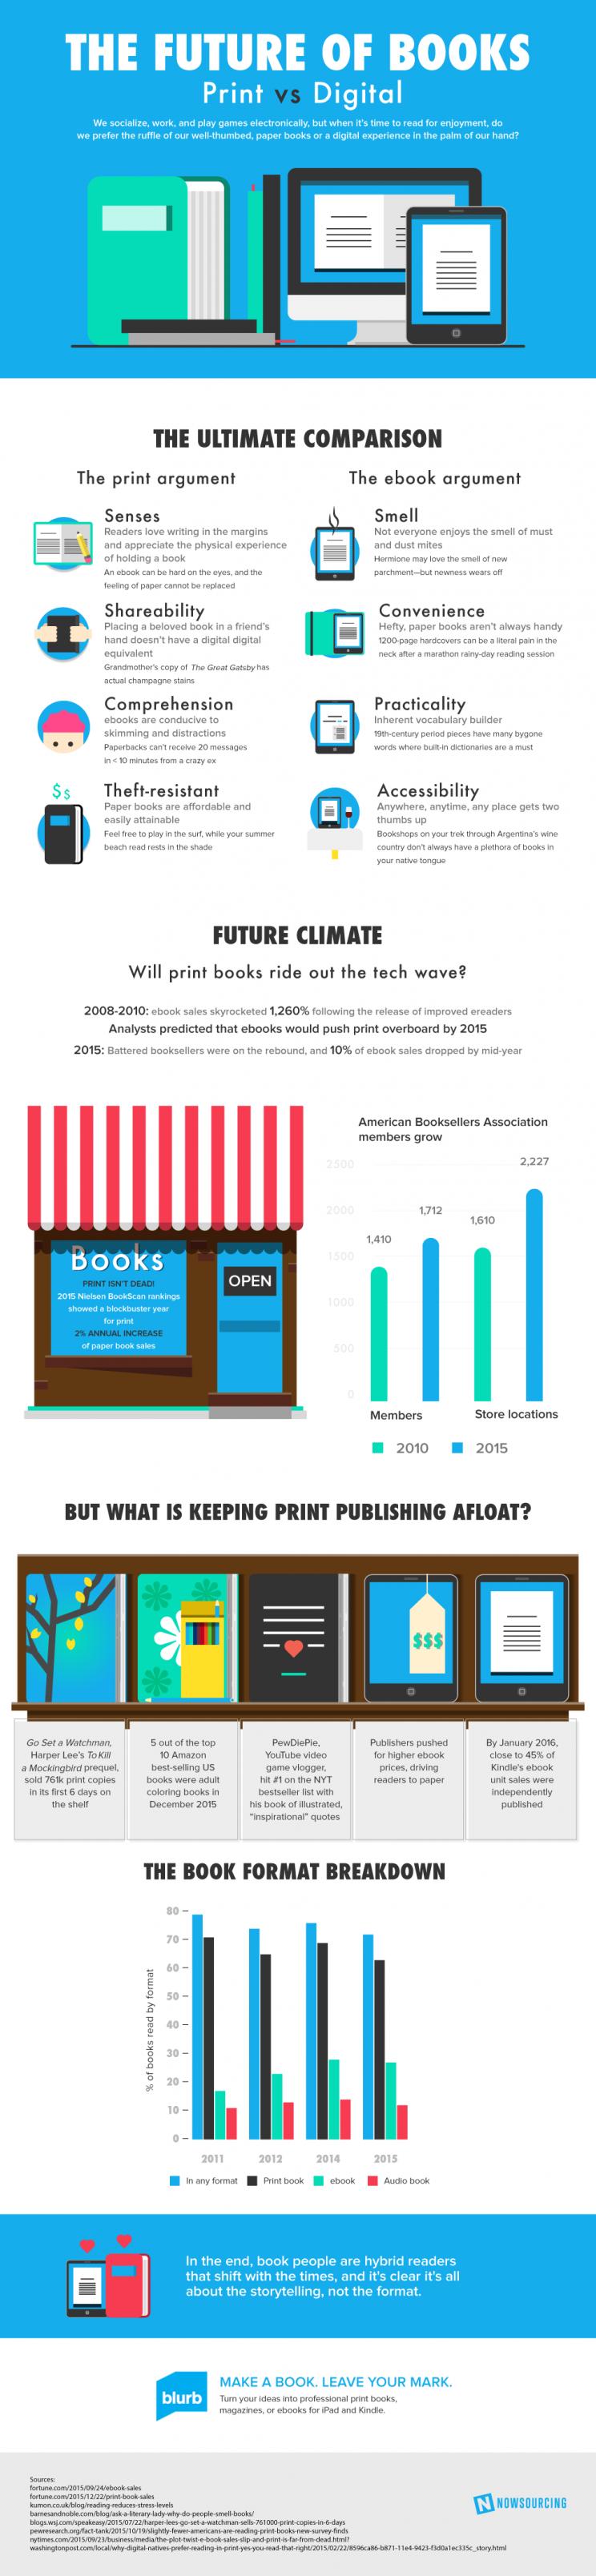 El futuro de los libros: electrónicos vs. físicos